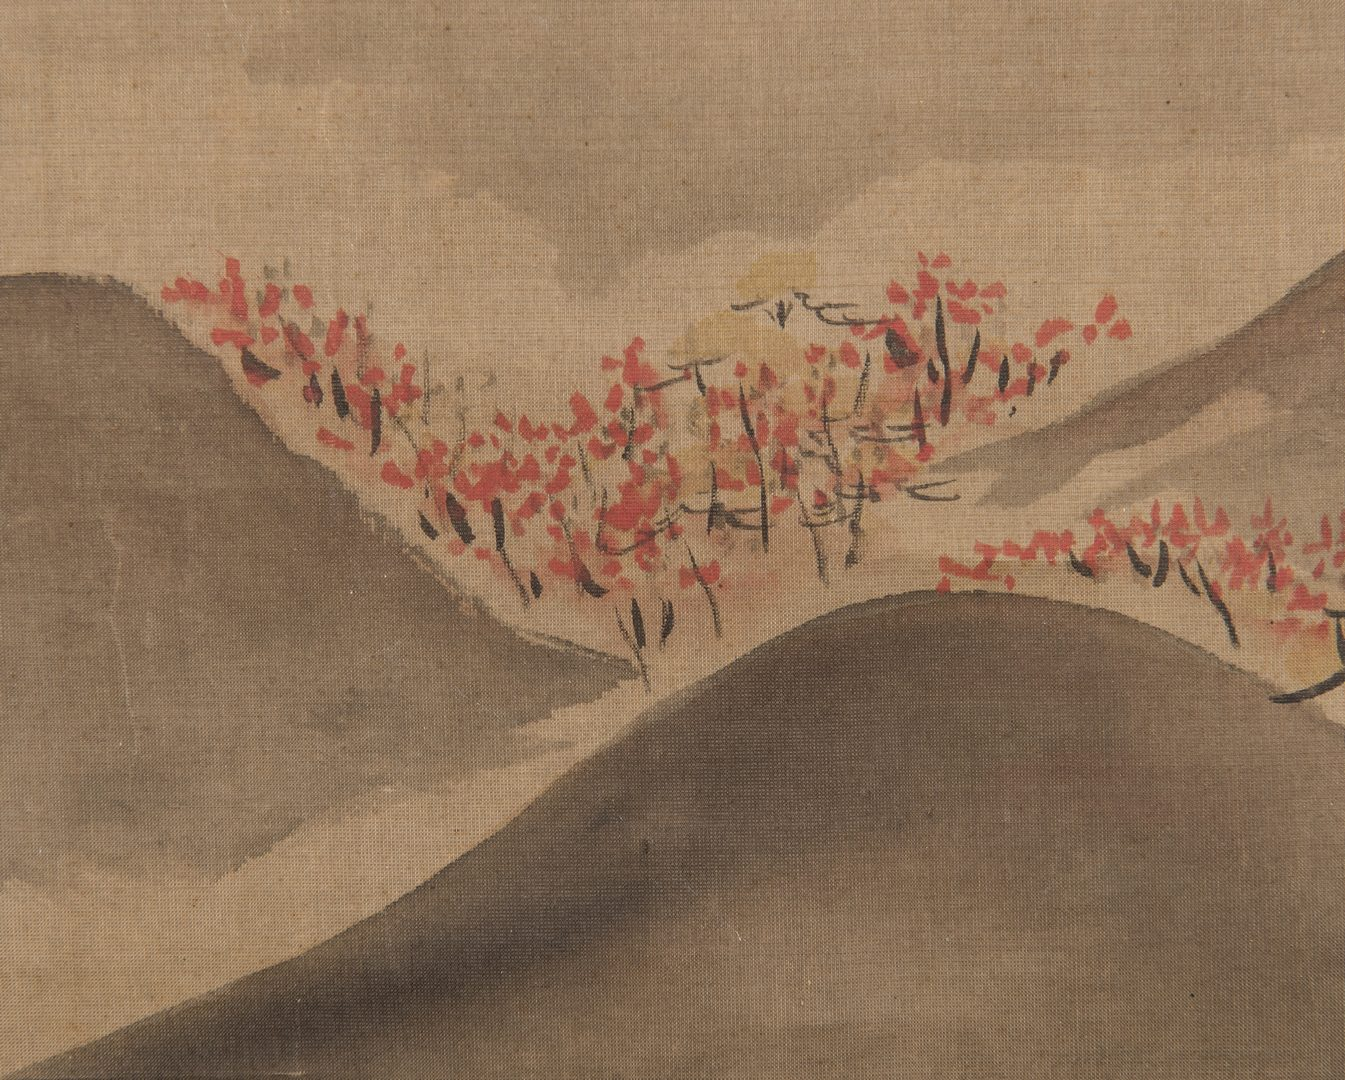 Lot 2: Edo Scroll, Mount Fuji